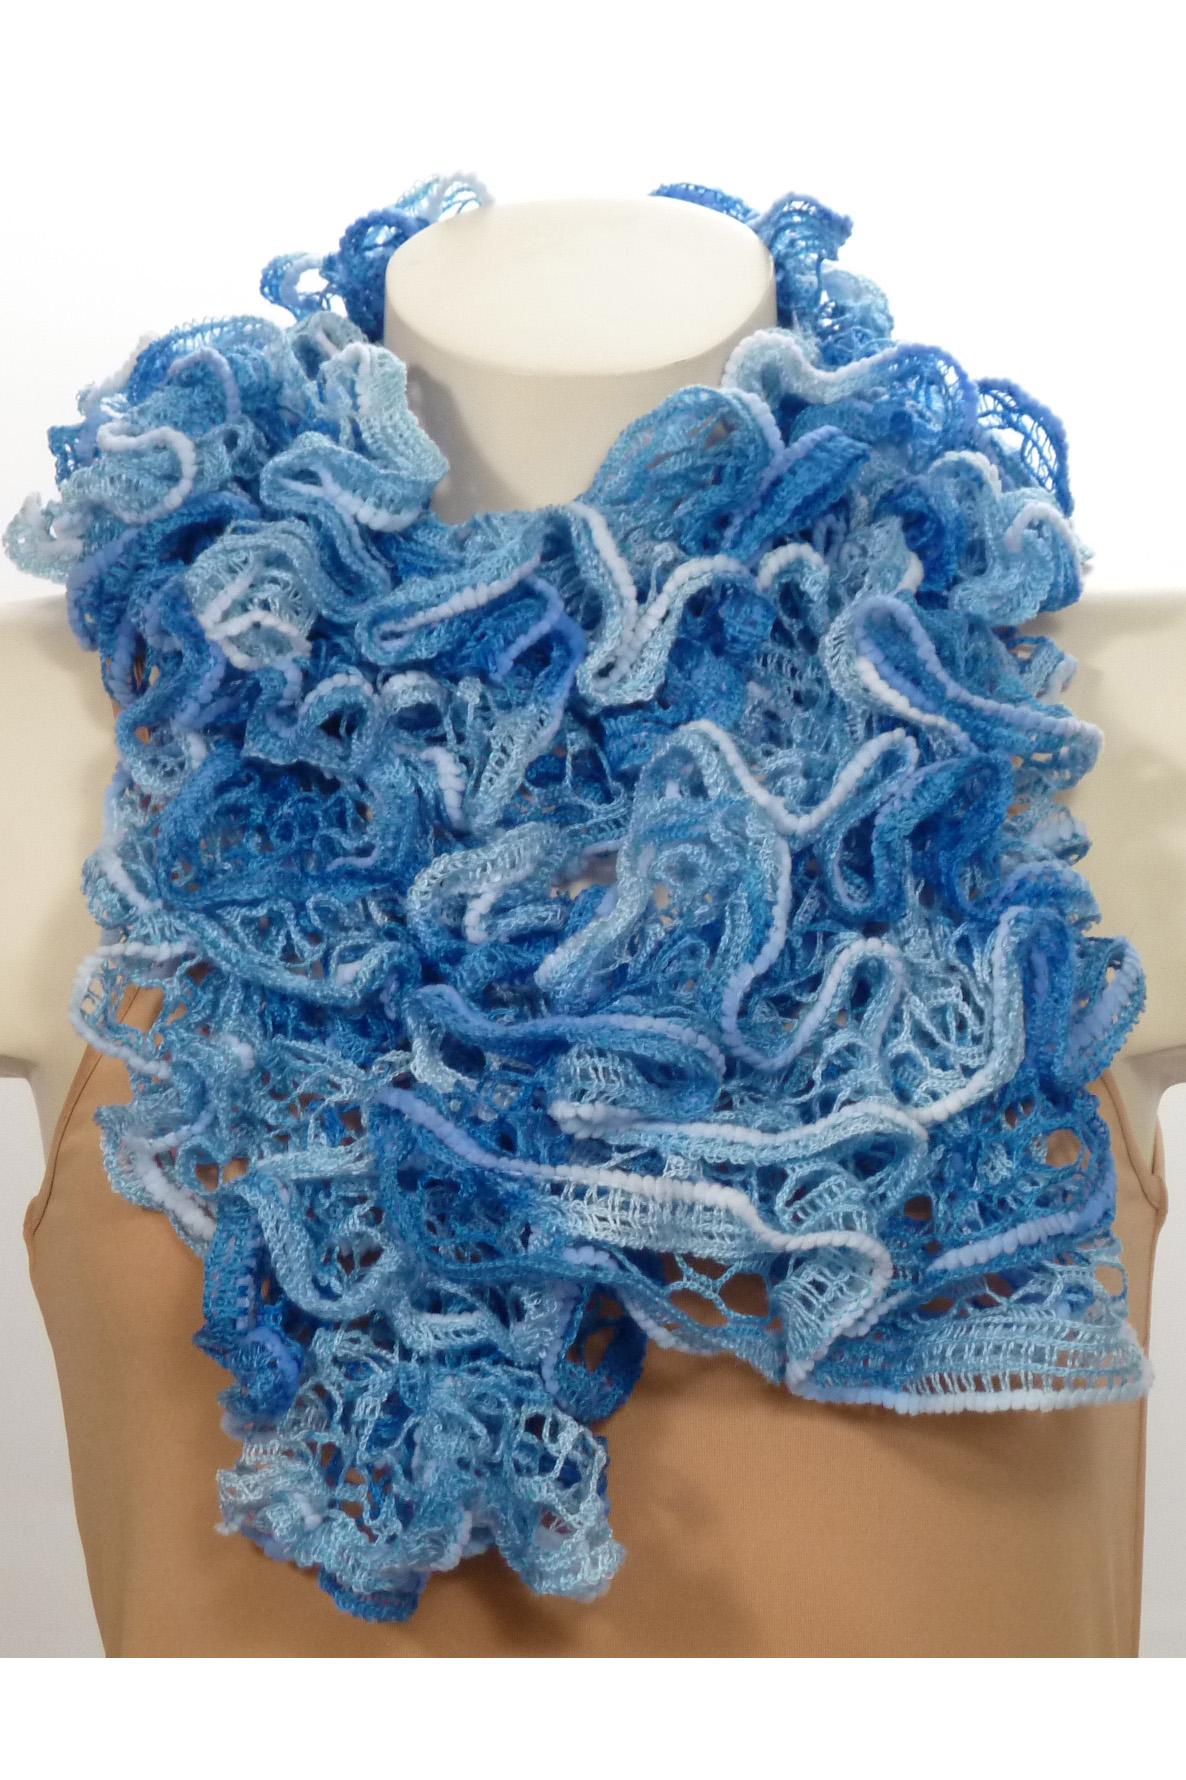 ШарфШарфы<br>Вязанный шарф придаст вашему образу романтичности. Этот удобный длинный кружевной шарф вяжут оригинальным узором,  который позволяет создать эффектные воланы.  Длина шарфа 1,5 метра.  В изделии использованы цвета: голубой, синий<br><br>По сезону: Зима<br>Размер : UNI<br>Материал: Вязаное полотно<br>Количество в наличии: 1